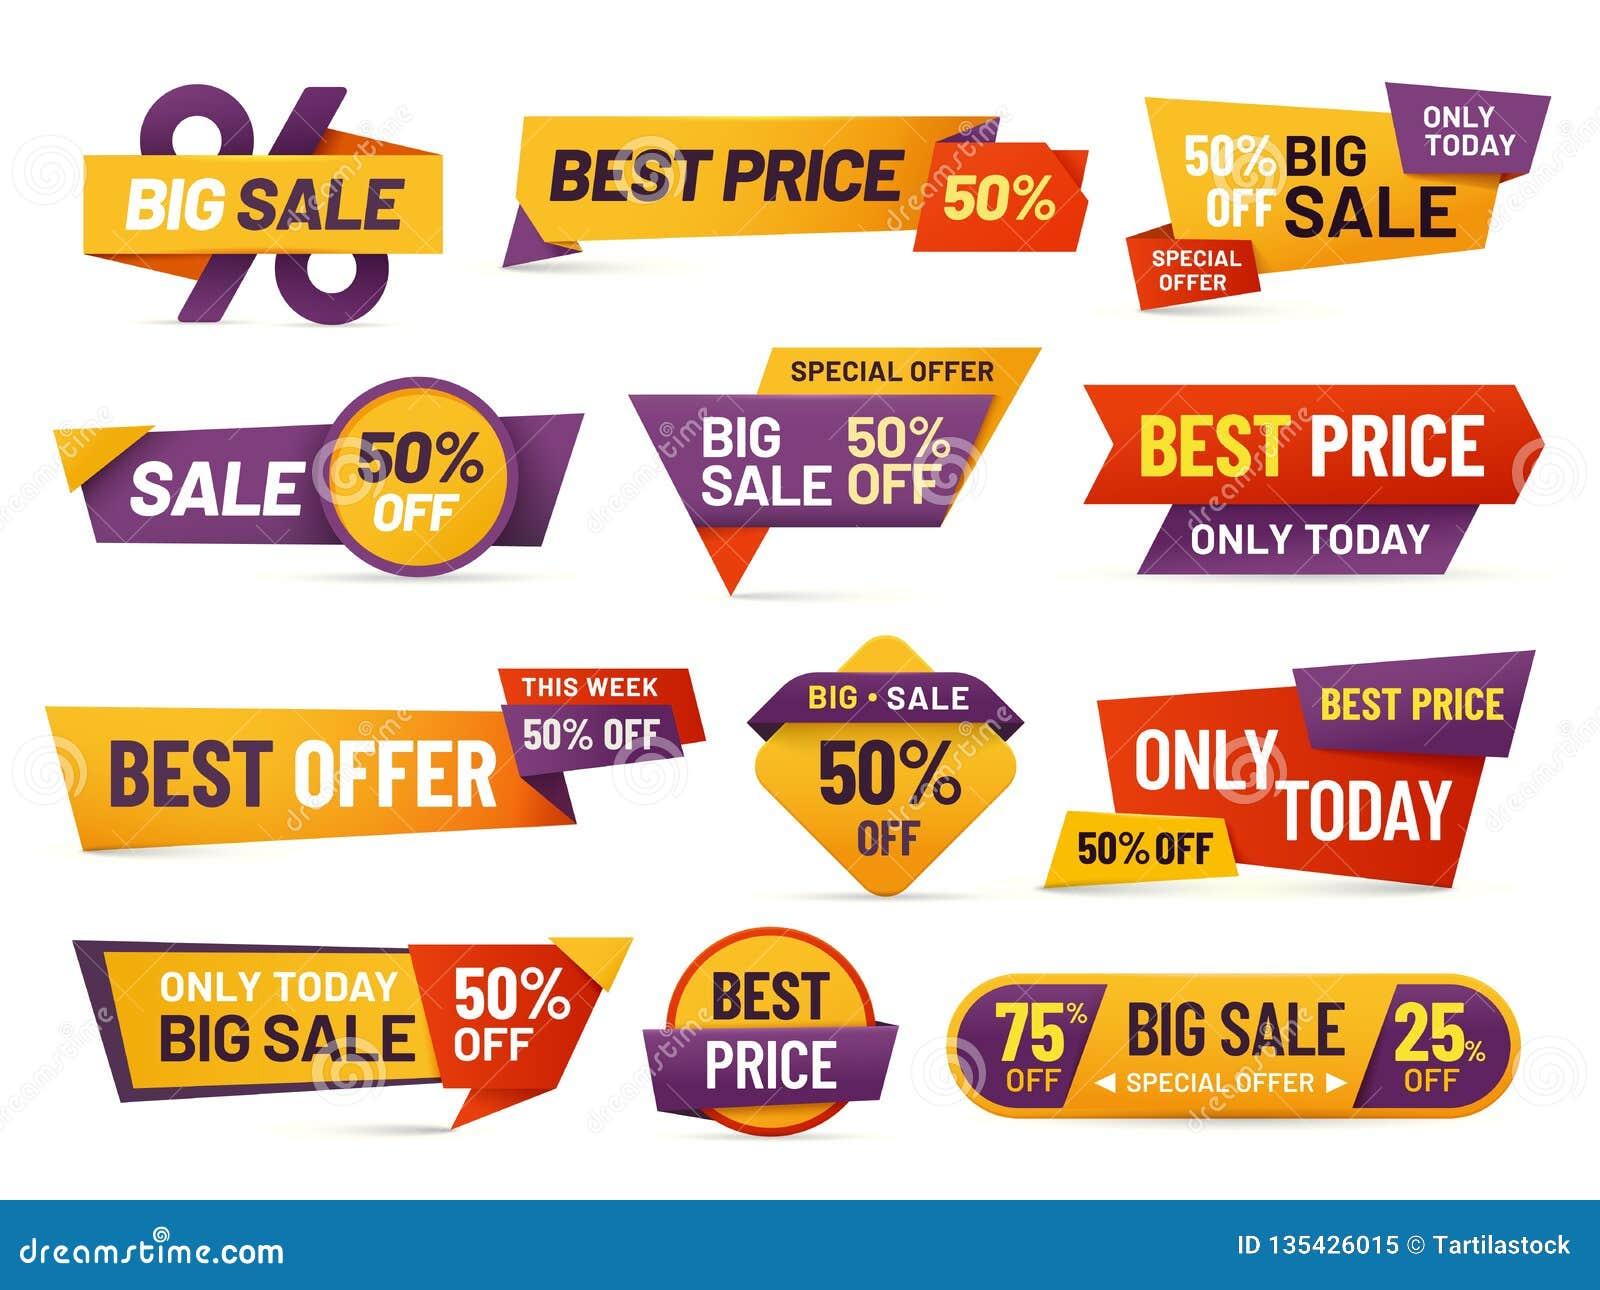 Etiquetas da venda a retalho Inseto barato do preço, o melhor preço de oferta e coleção isolada do vetor do crachá da etiqueta de